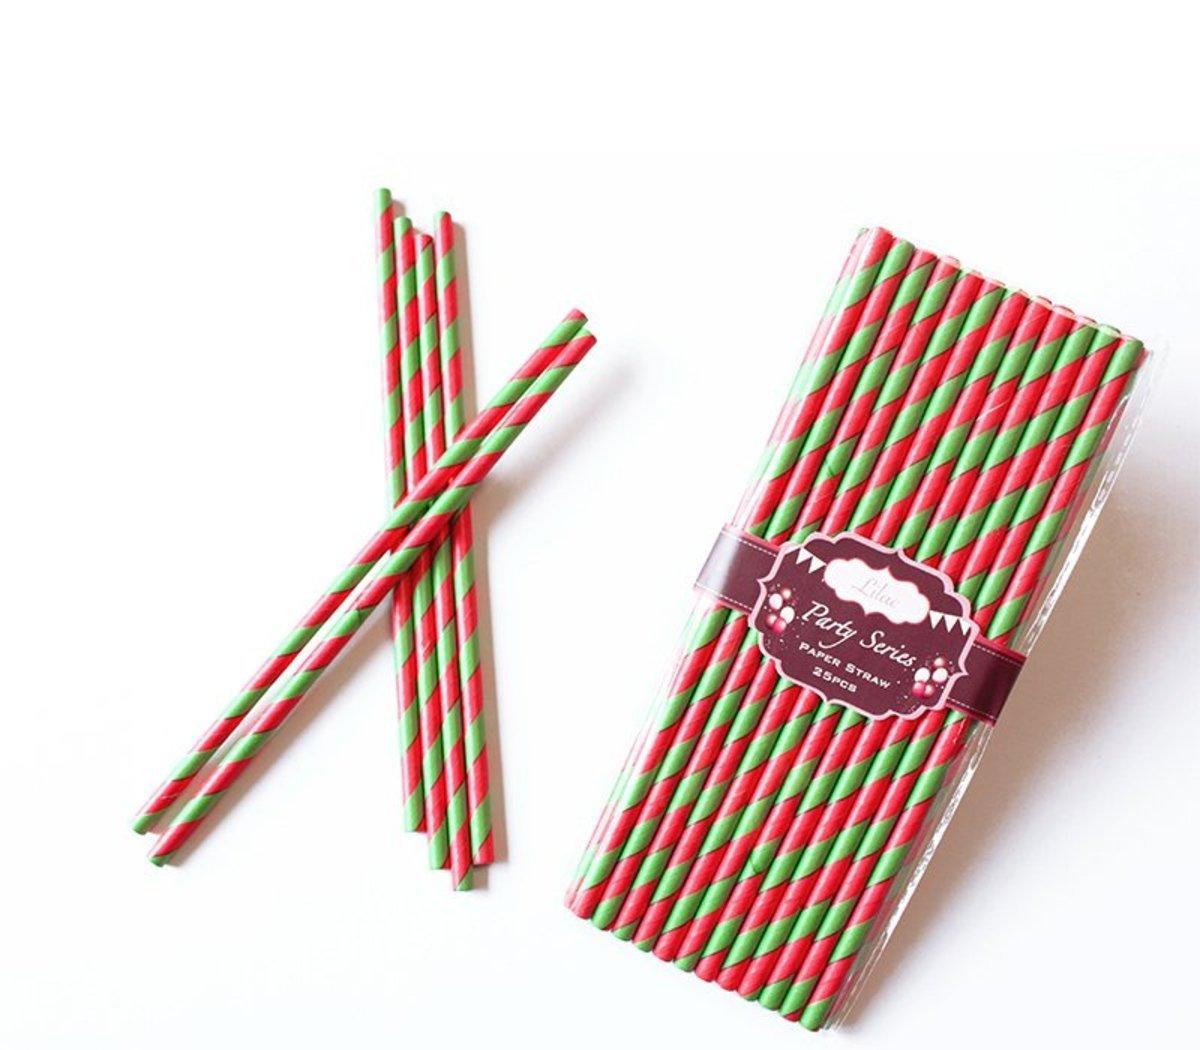 繽紛紙吸管 (紅色, 綠色斜紋) 50pcs/PACK